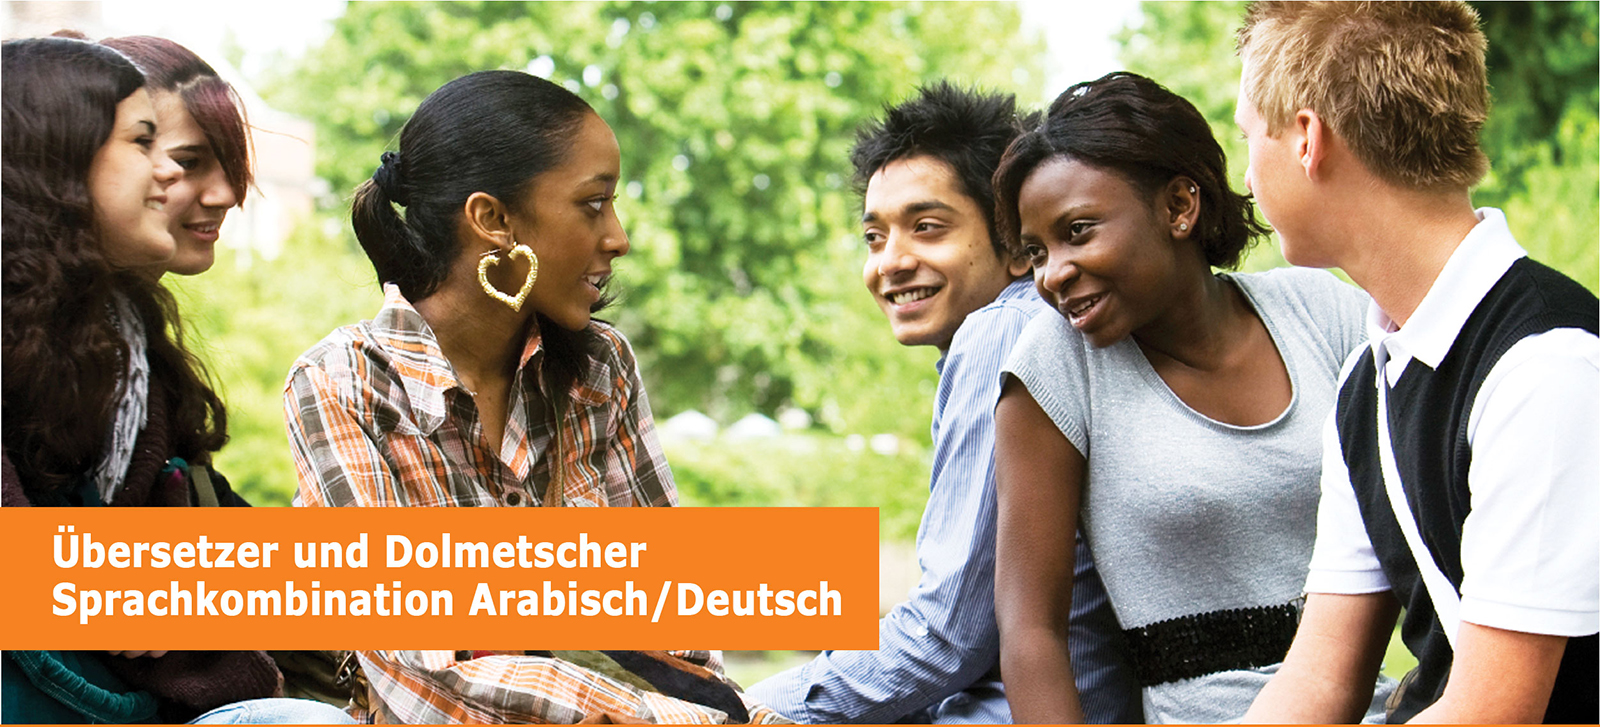 Arabisch Übersetzer Dolmetscher Berlin DAK-Gesundheit